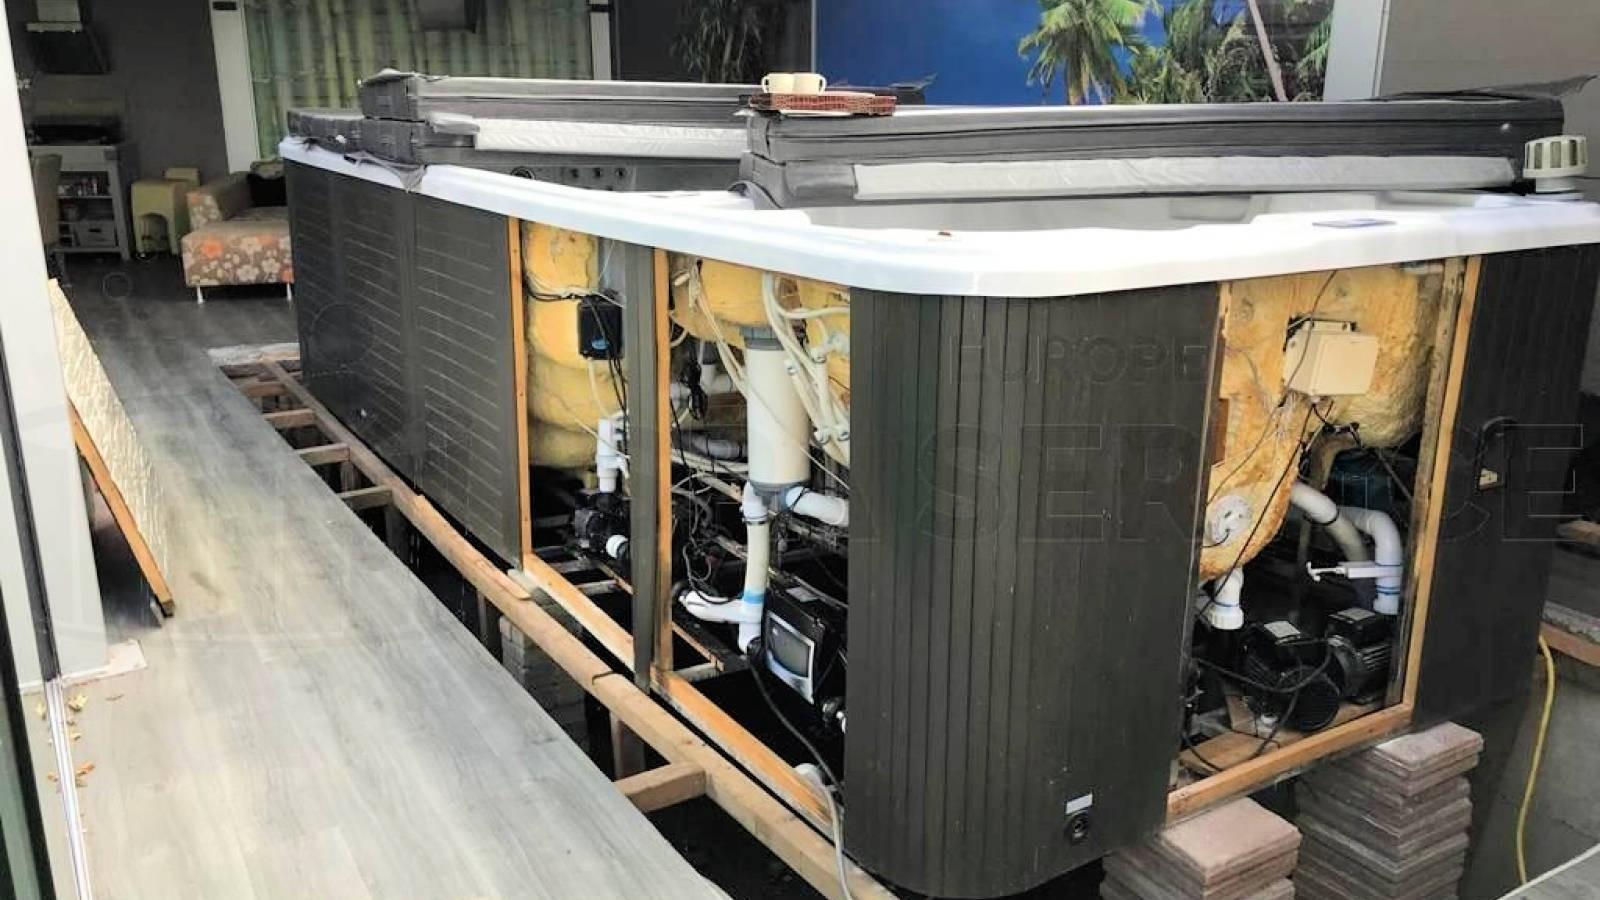 Ombouw duo-zwemspa naar Balboa technologie in Meppel